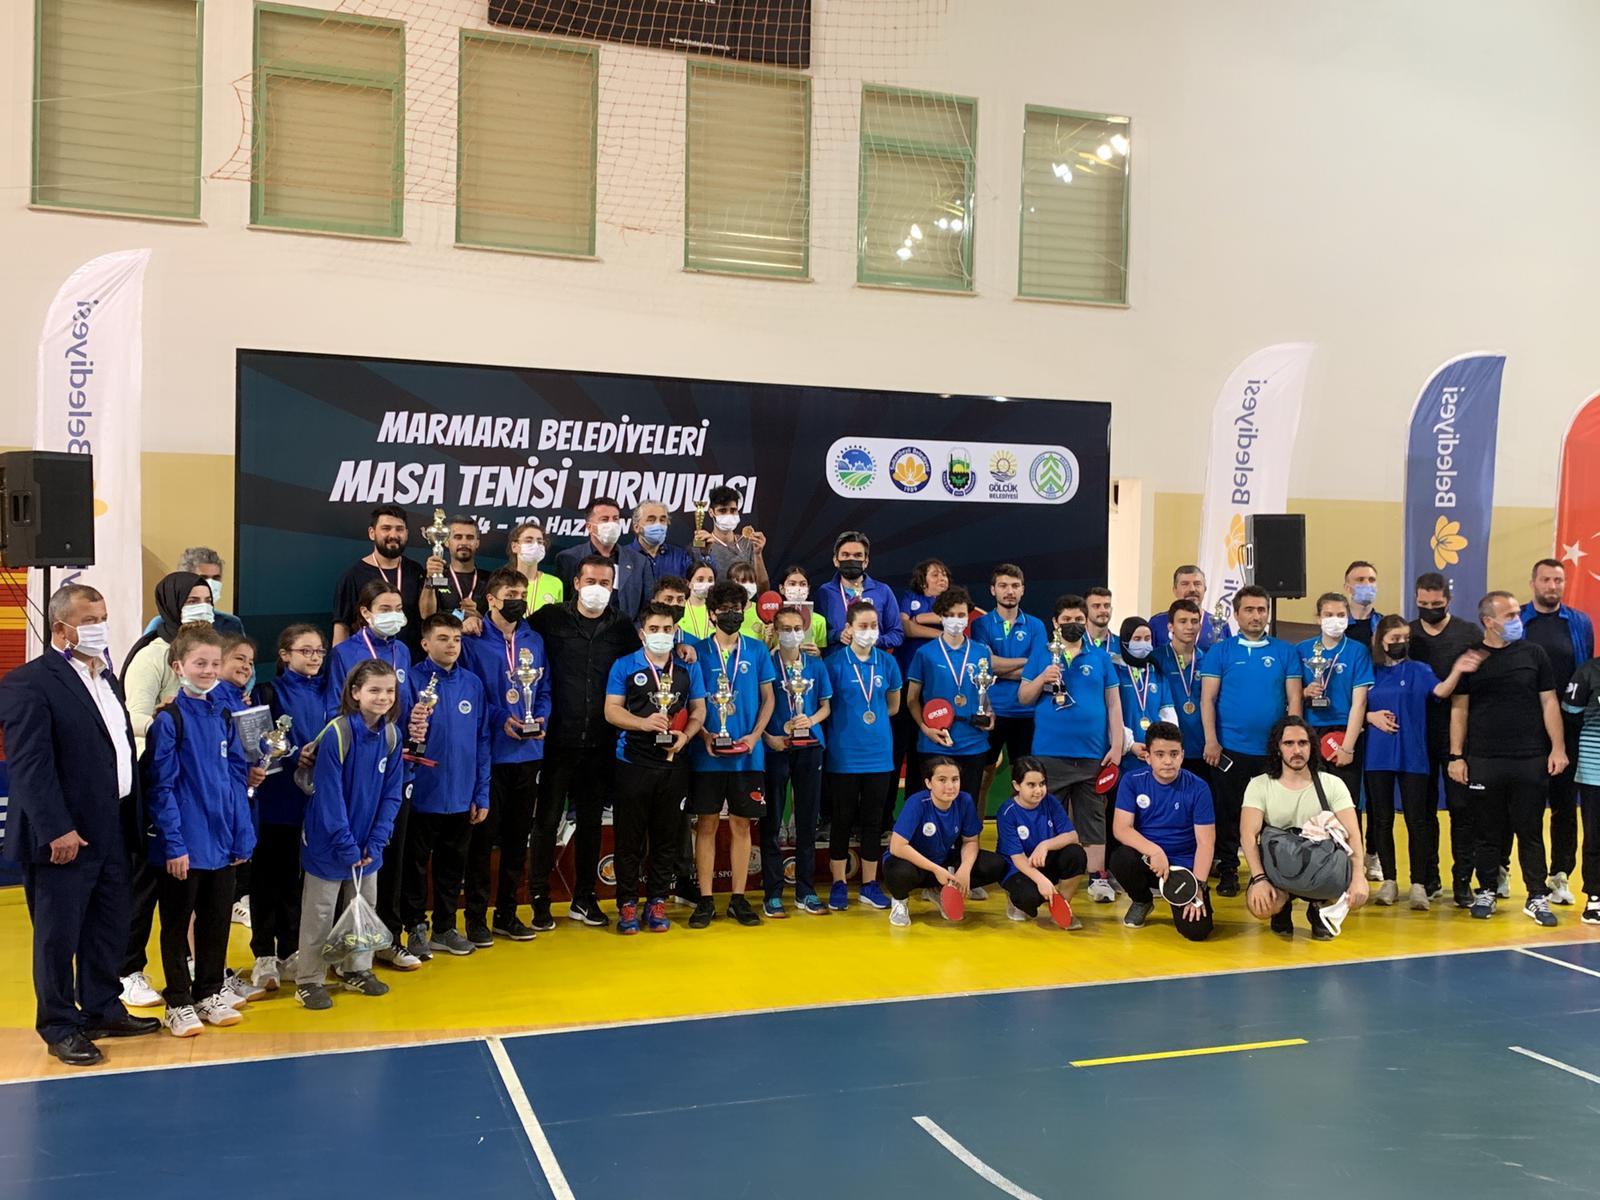 Masa tenisi turnuvasında kazanan Sakaryalı sporcular oldu